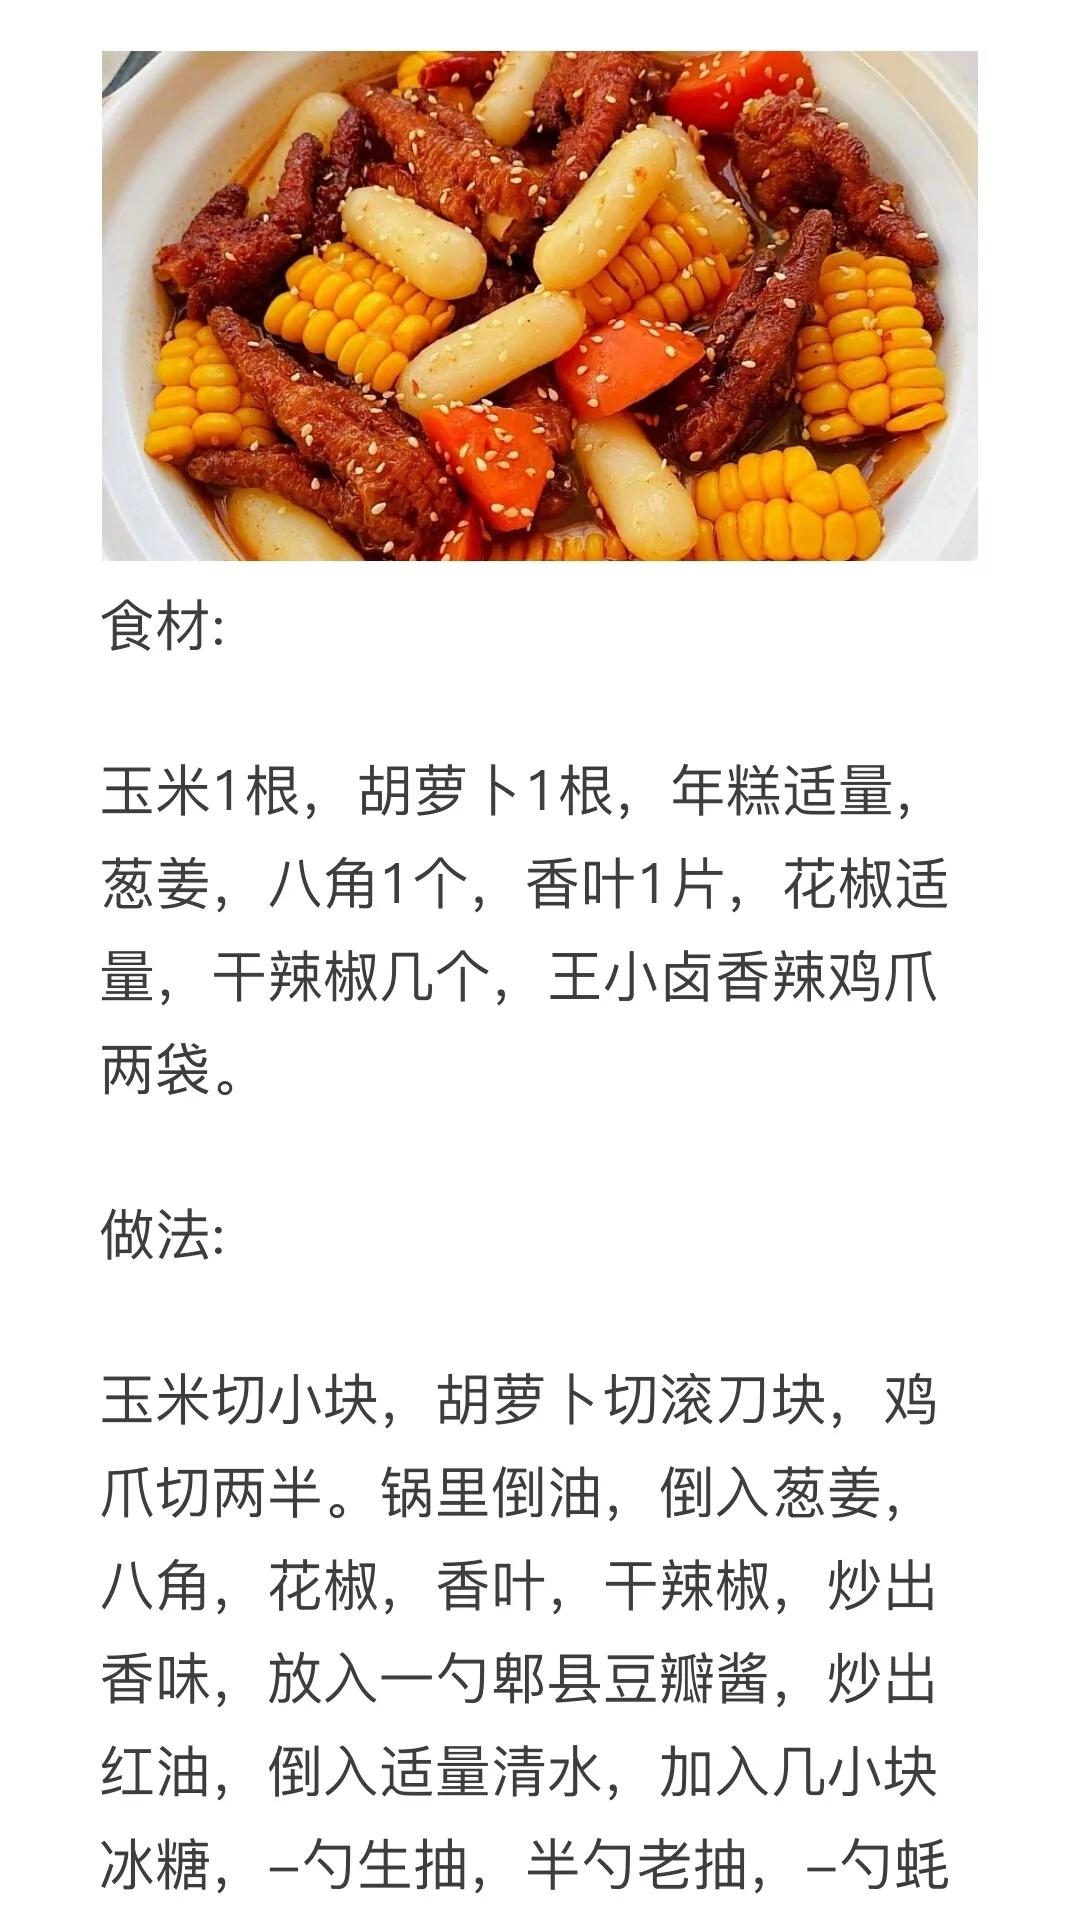 家常鸡爪的做法及配料 美食做法 第13张